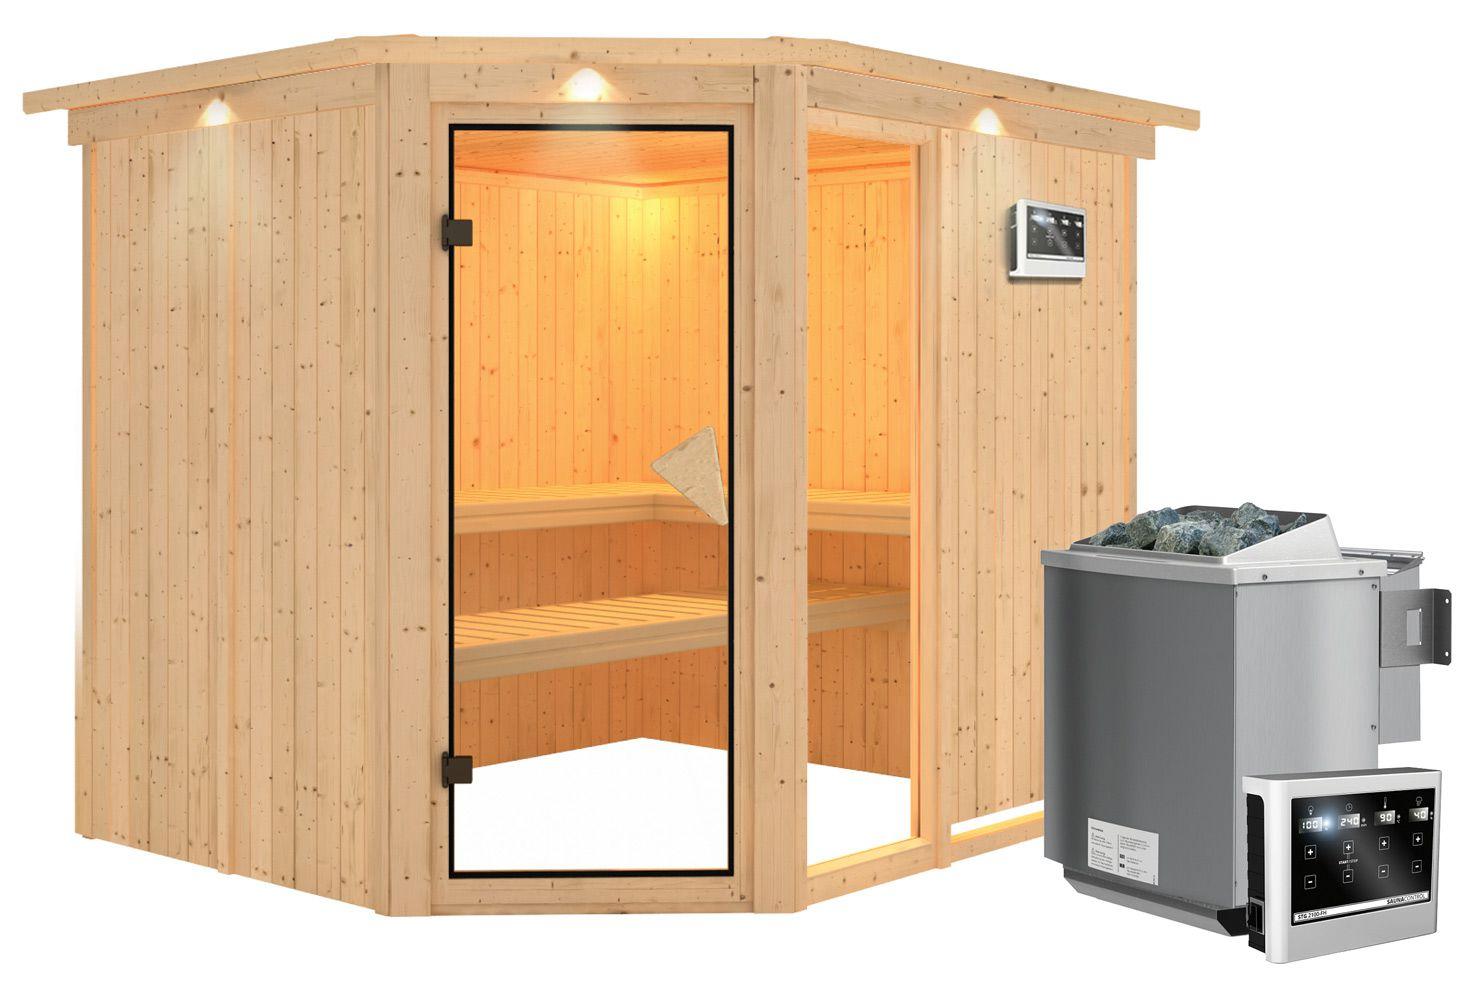 Sauna Francesca 06, 68 mm Wandstärke - 245 x 210 x 202 cm (B x T x H) - Ausführung:inkl. Bio-Ofen mit externer Steuerung